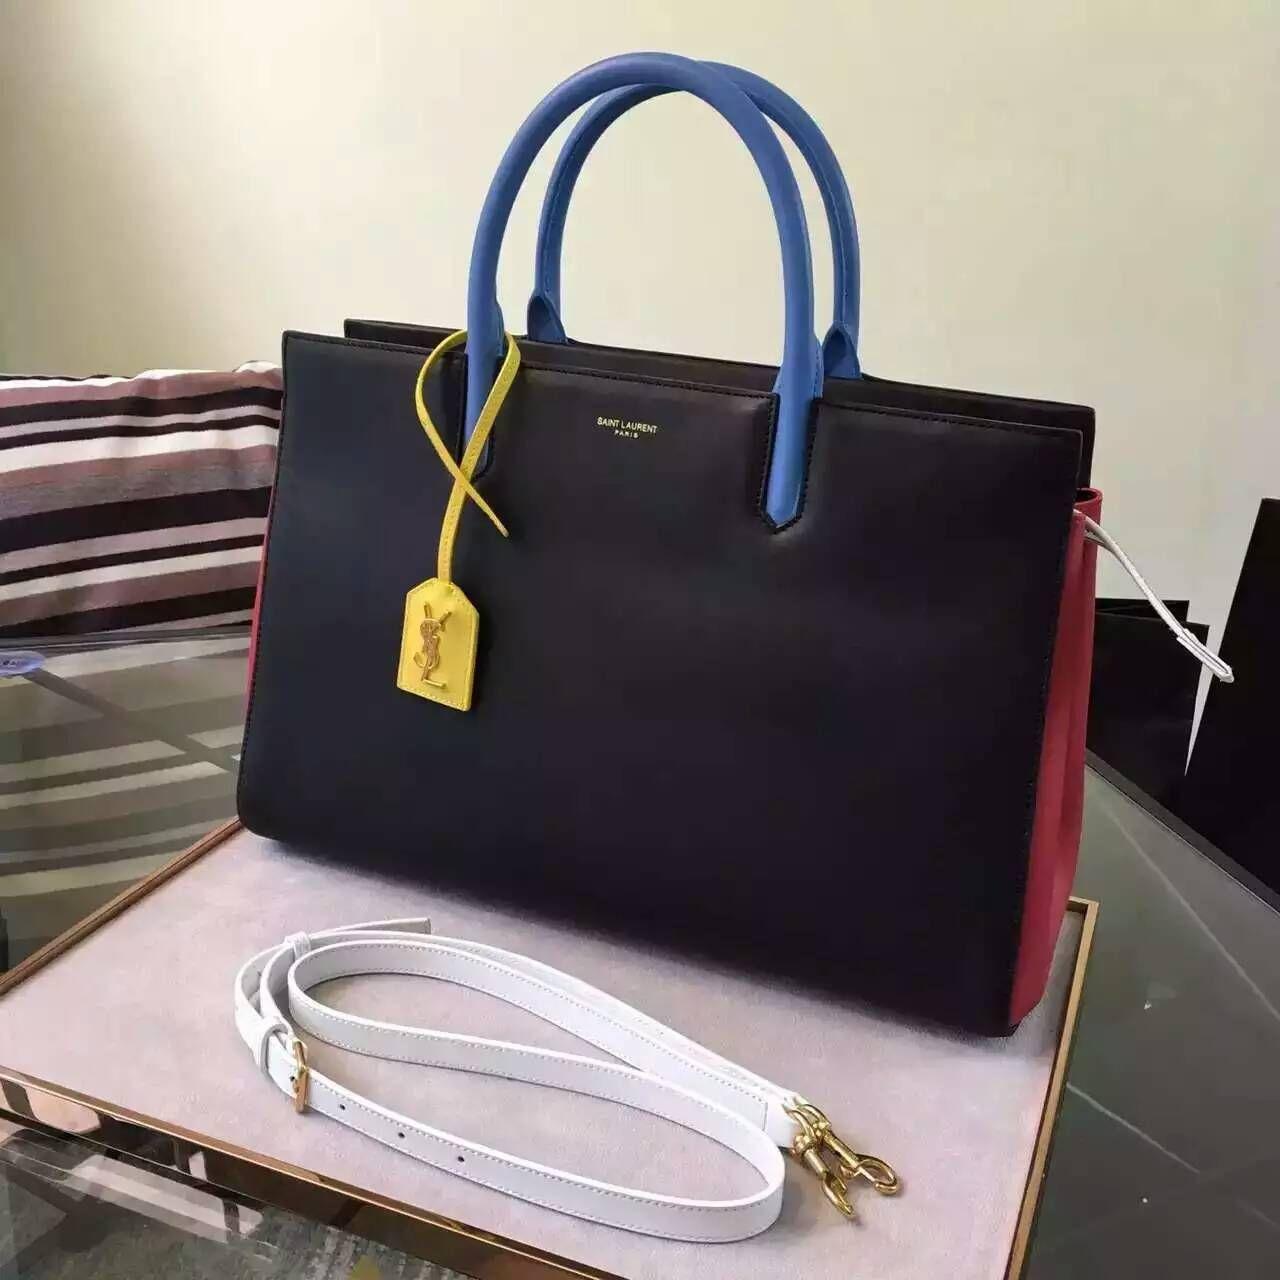 0c817d7c61d S/S 2016 New Saint Laurent Bag Cheap Sale-Saint Laurent Medium Cabas Rive  Gauche Bag in Black, Red, Dove White, Light Blue and Yellow Leather